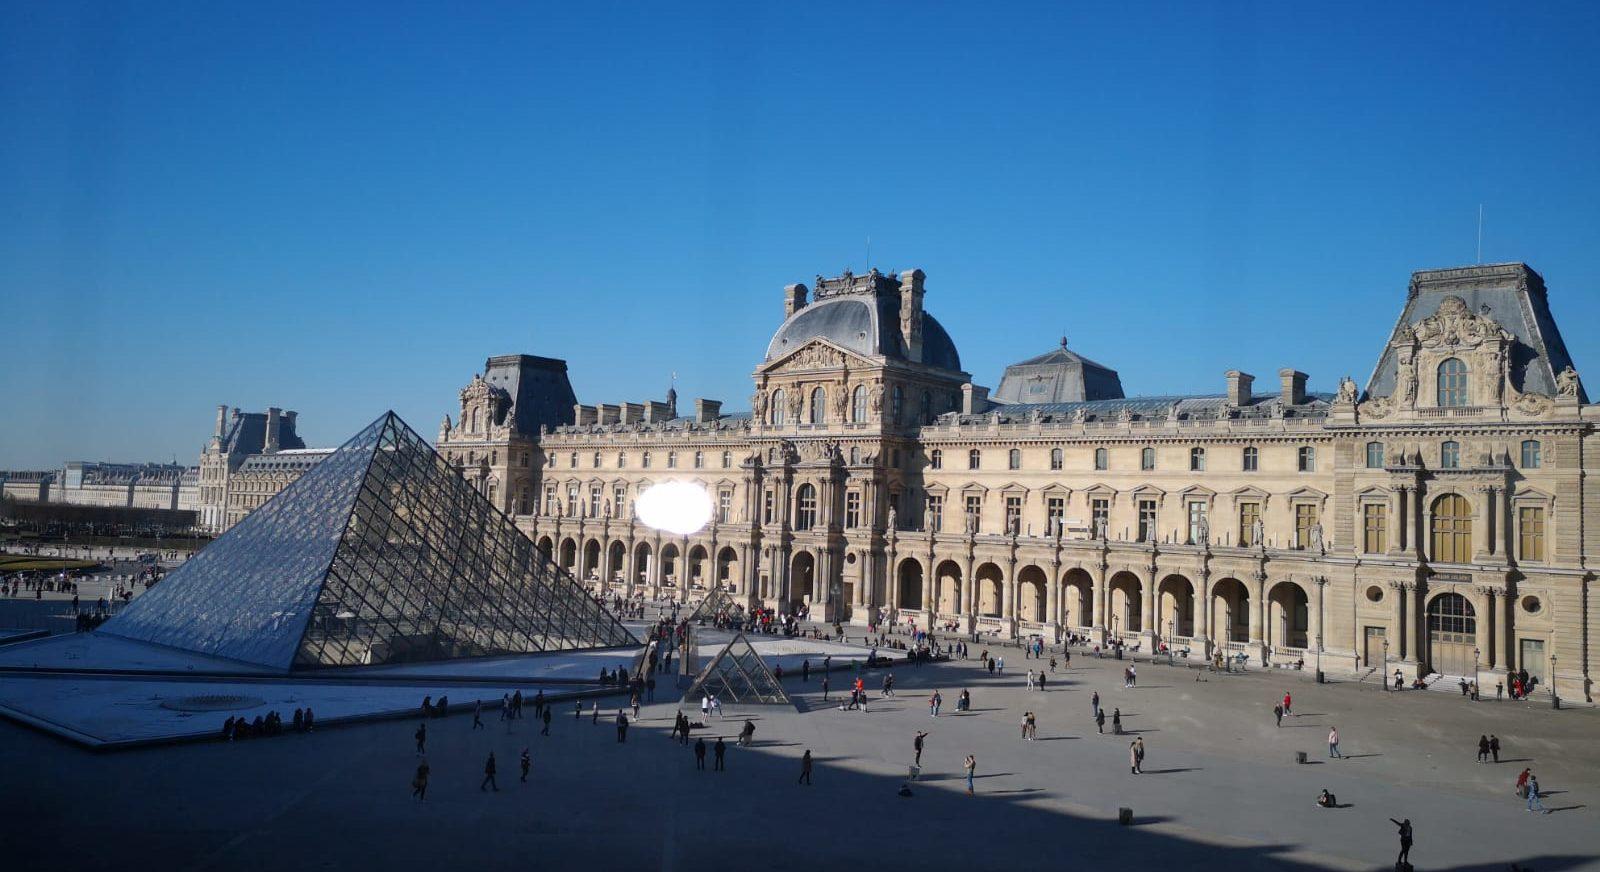 Parigi: monumenti e musei con ingressi gratuiti